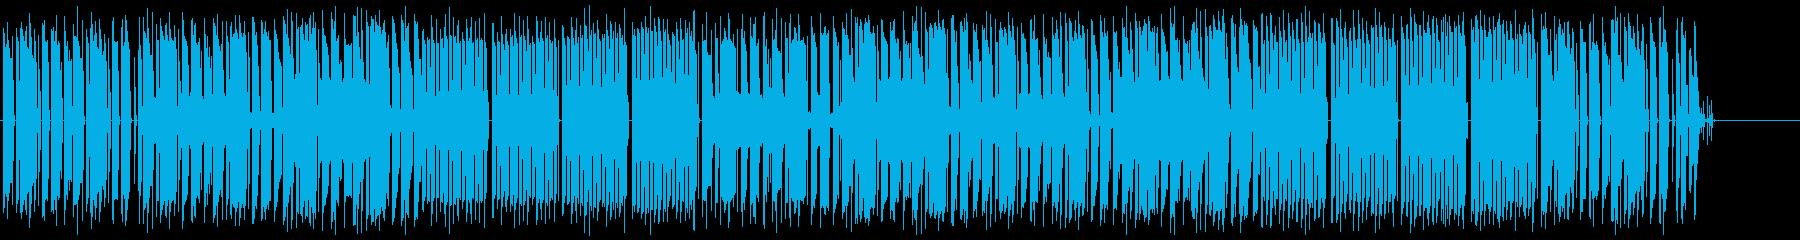 ゲーム 楽しい コミカル ほのぼの 機械の再生済みの波形